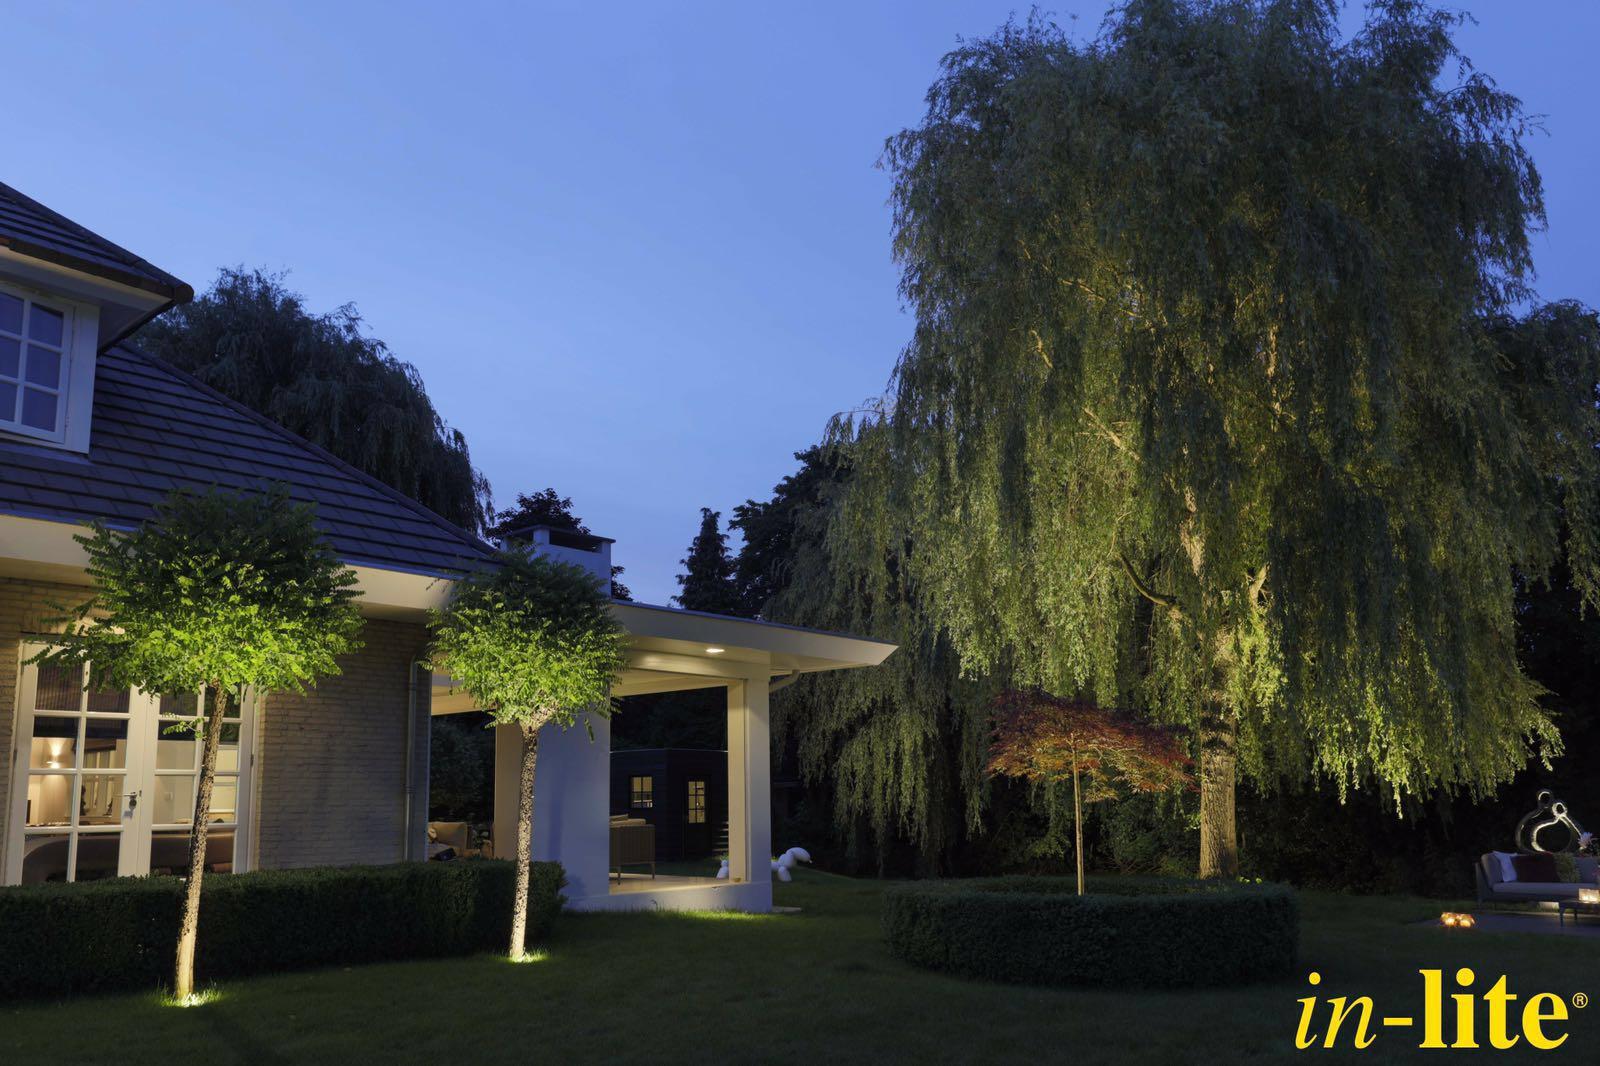 Tuinverlichting In Tegel : De mooiste tuinverlichting │ extra sfeer in uw tuin│ van wijk